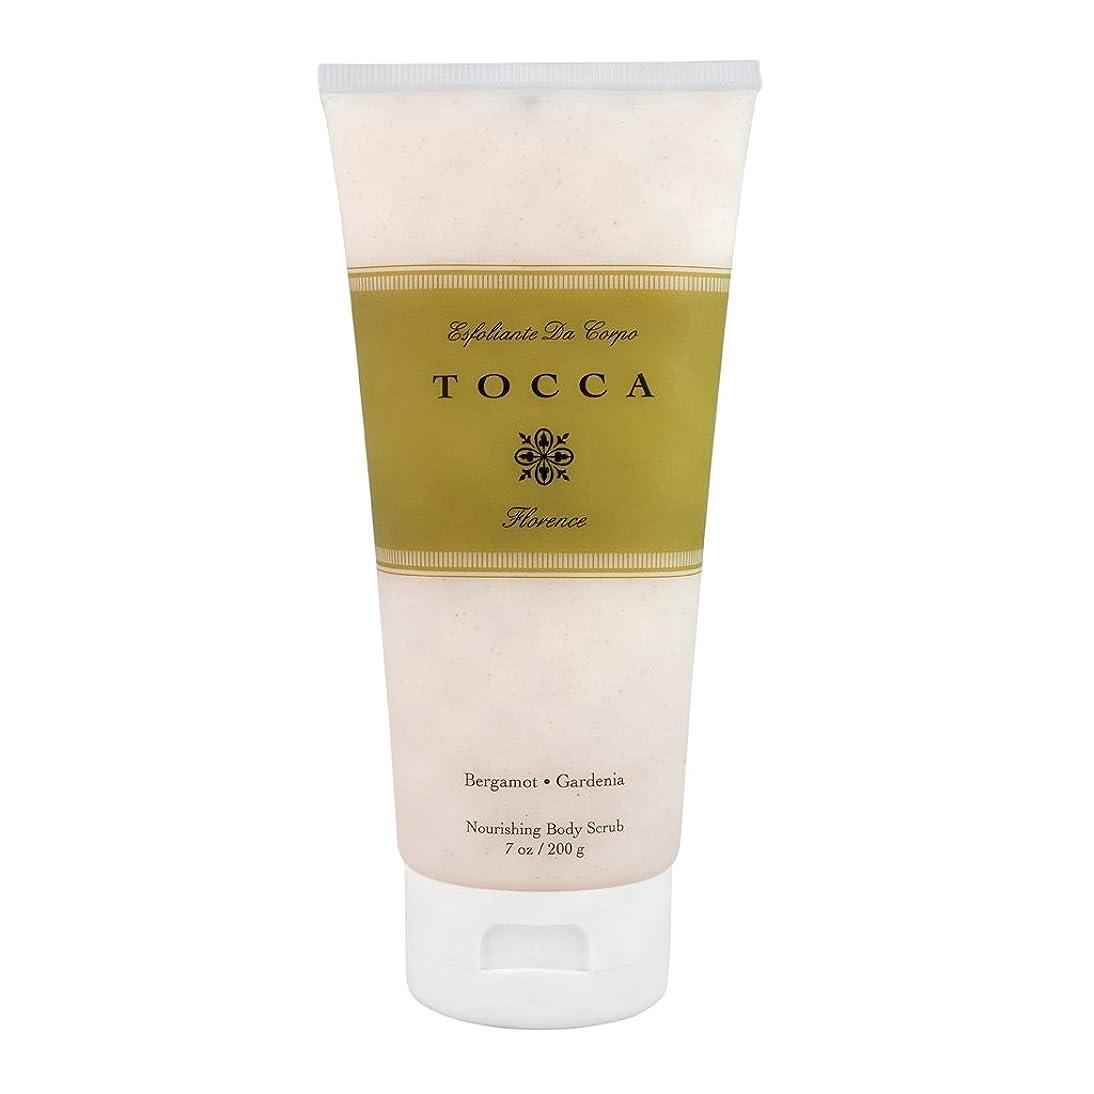 リラックスアンビエント赤トッカ(TOCCA) ボディーケアスクラブ フローレンスの香り 200ml(全身?ボディー用マッサージ料 ガーデニアとベルガモットが誘うように溶け合うどこまでも上品なフローラルの香り)